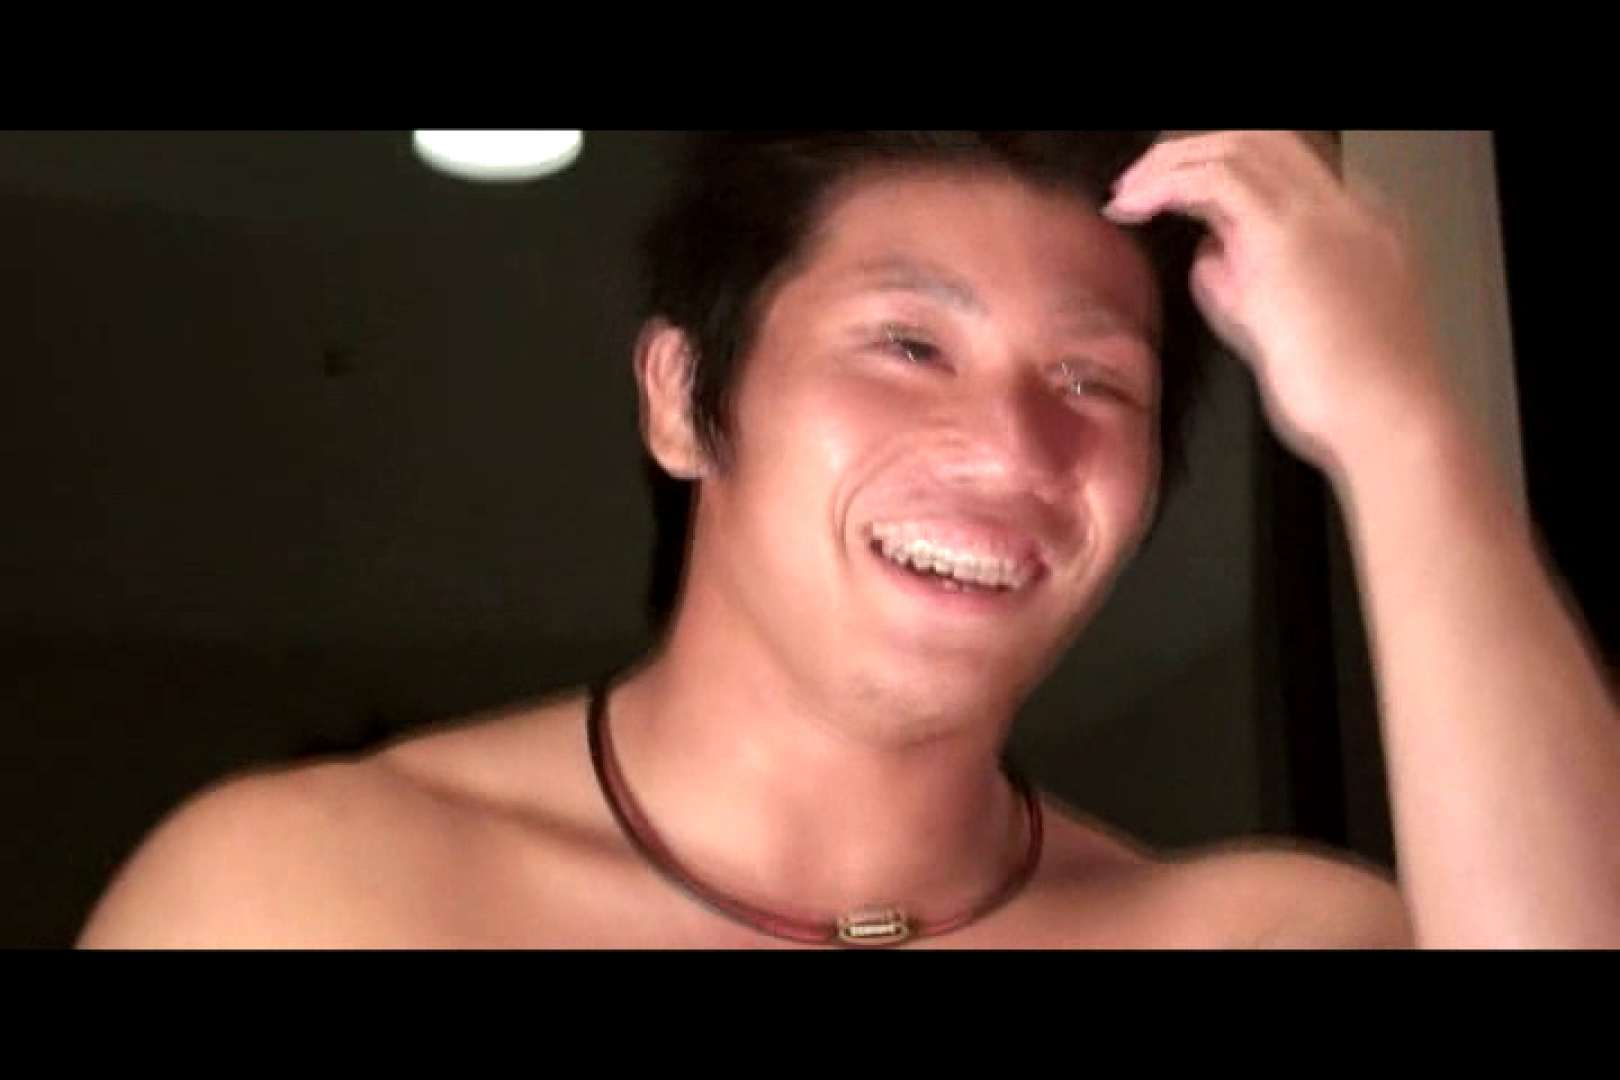 イケメンモッコリウォッチング!!No.03 スジ筋系男子 ペニス画像 101枚 56